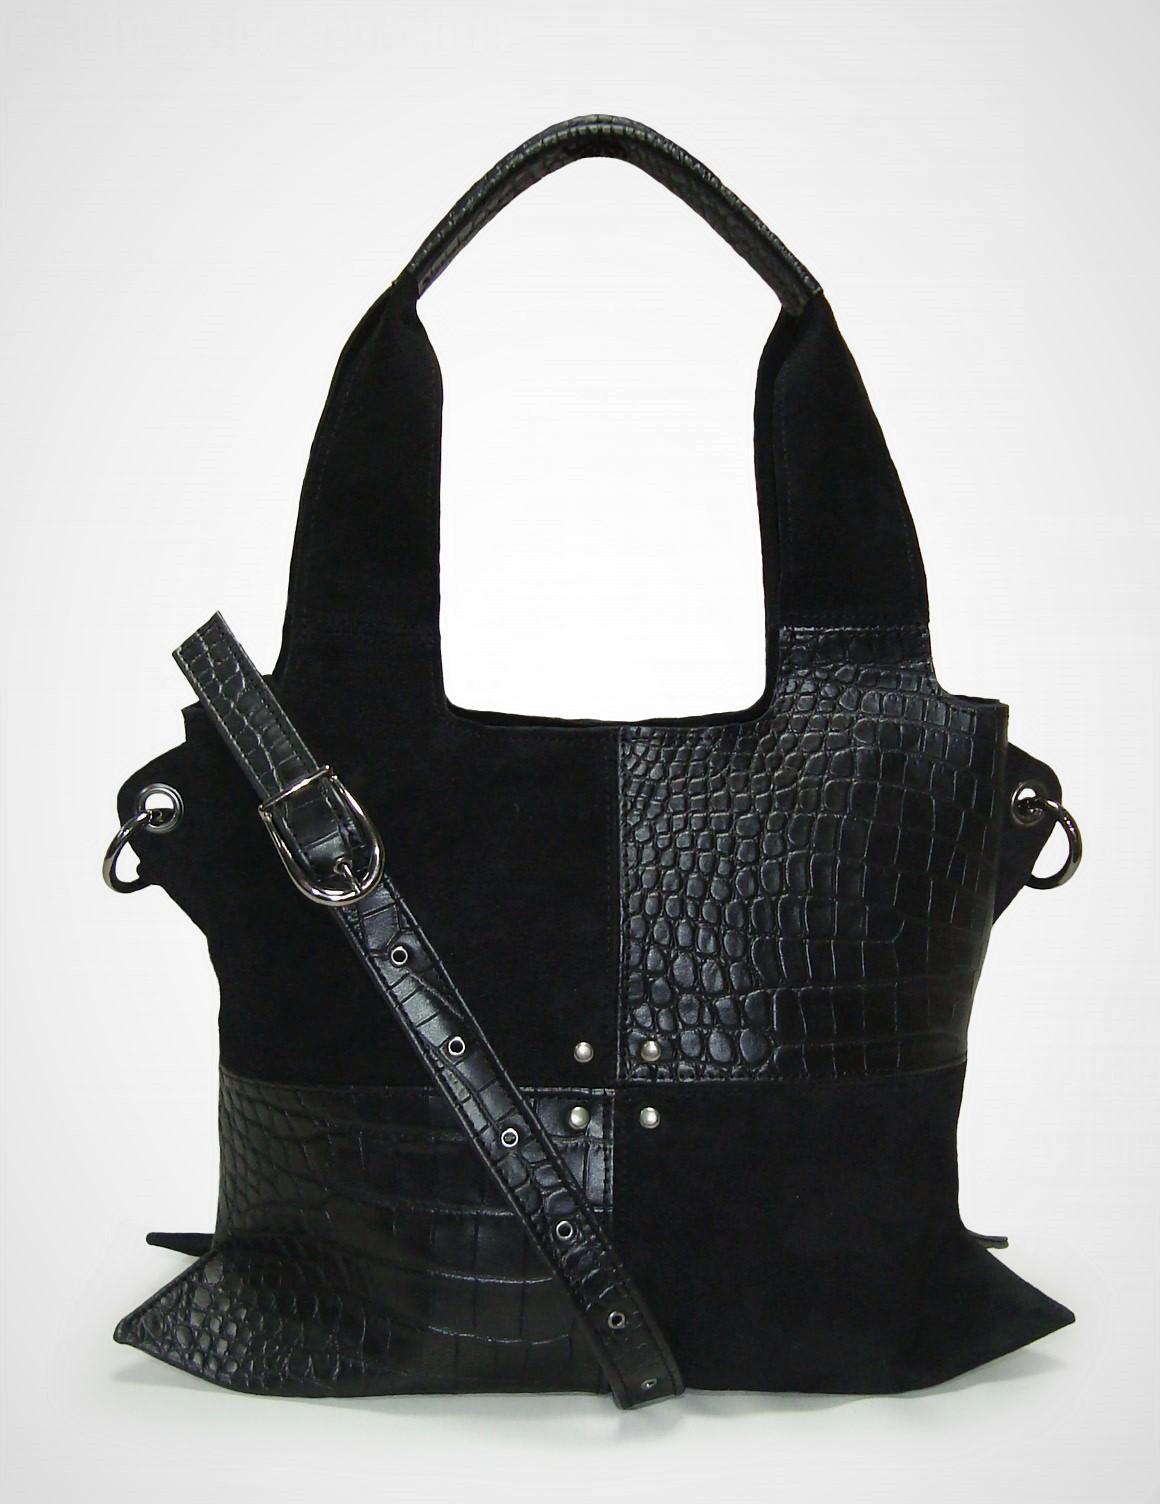 Сумка Модель №39Сумки и др. изделия из кожи<br>Высота сумки: 29 см <br>Ширина сумки: 36 см <br>Ширина дна: 10 см <br>Длинна ручек: 56 см <br>Длинна ремня: 90-115 см<br><br>Тип: Сумка<br>Размер: -<br>Материал: Натуральная кожа